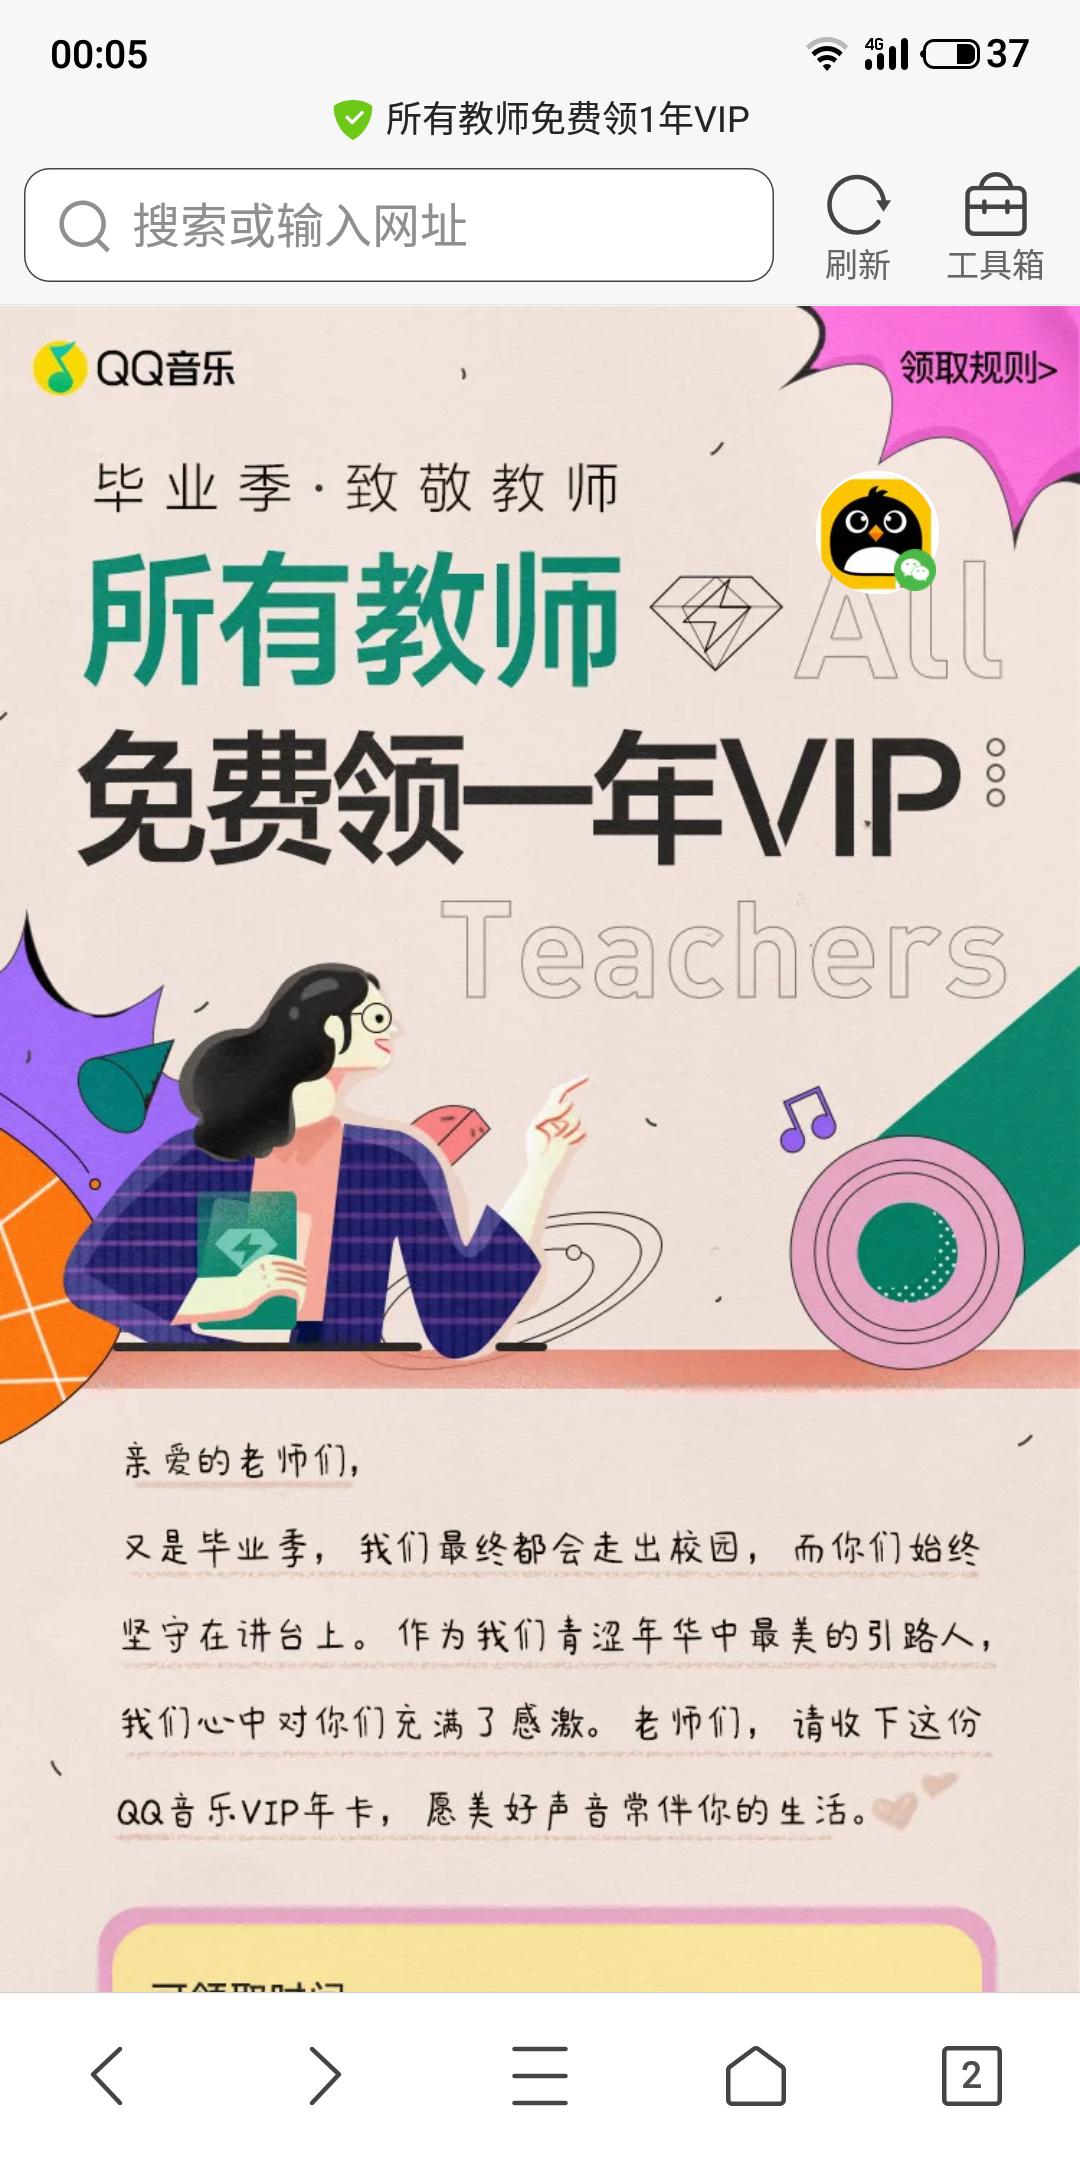 【限教师】免费领取QQ音乐一年豪华绿钻VIP